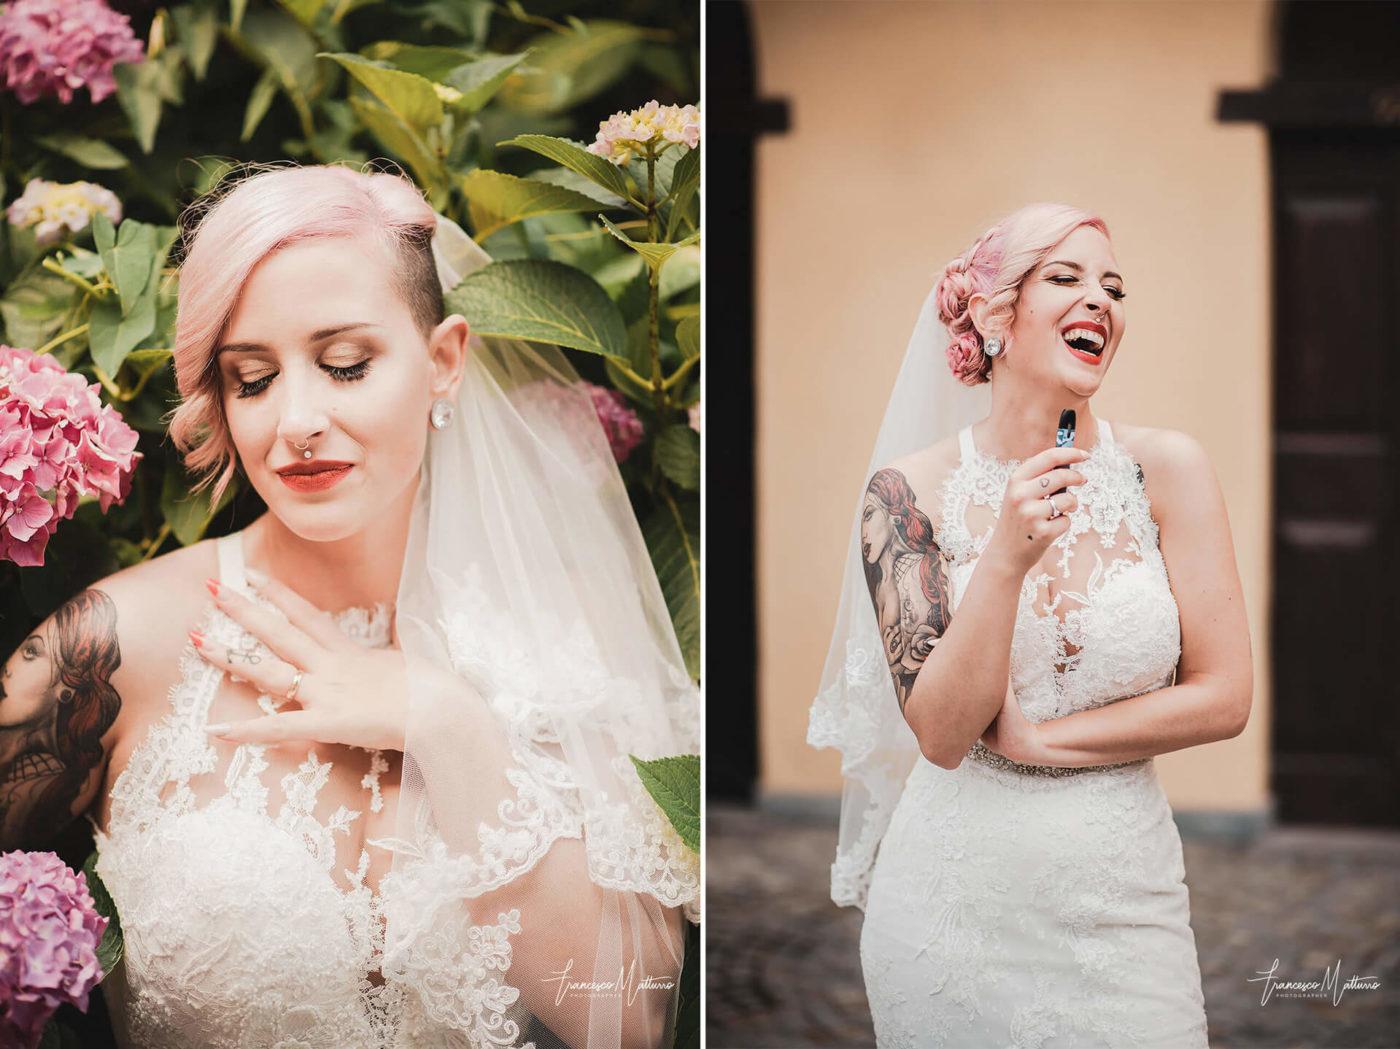 Sposa con tatuaggio, piercing e capelli rosa shocking fotografia di Francesco Matturro